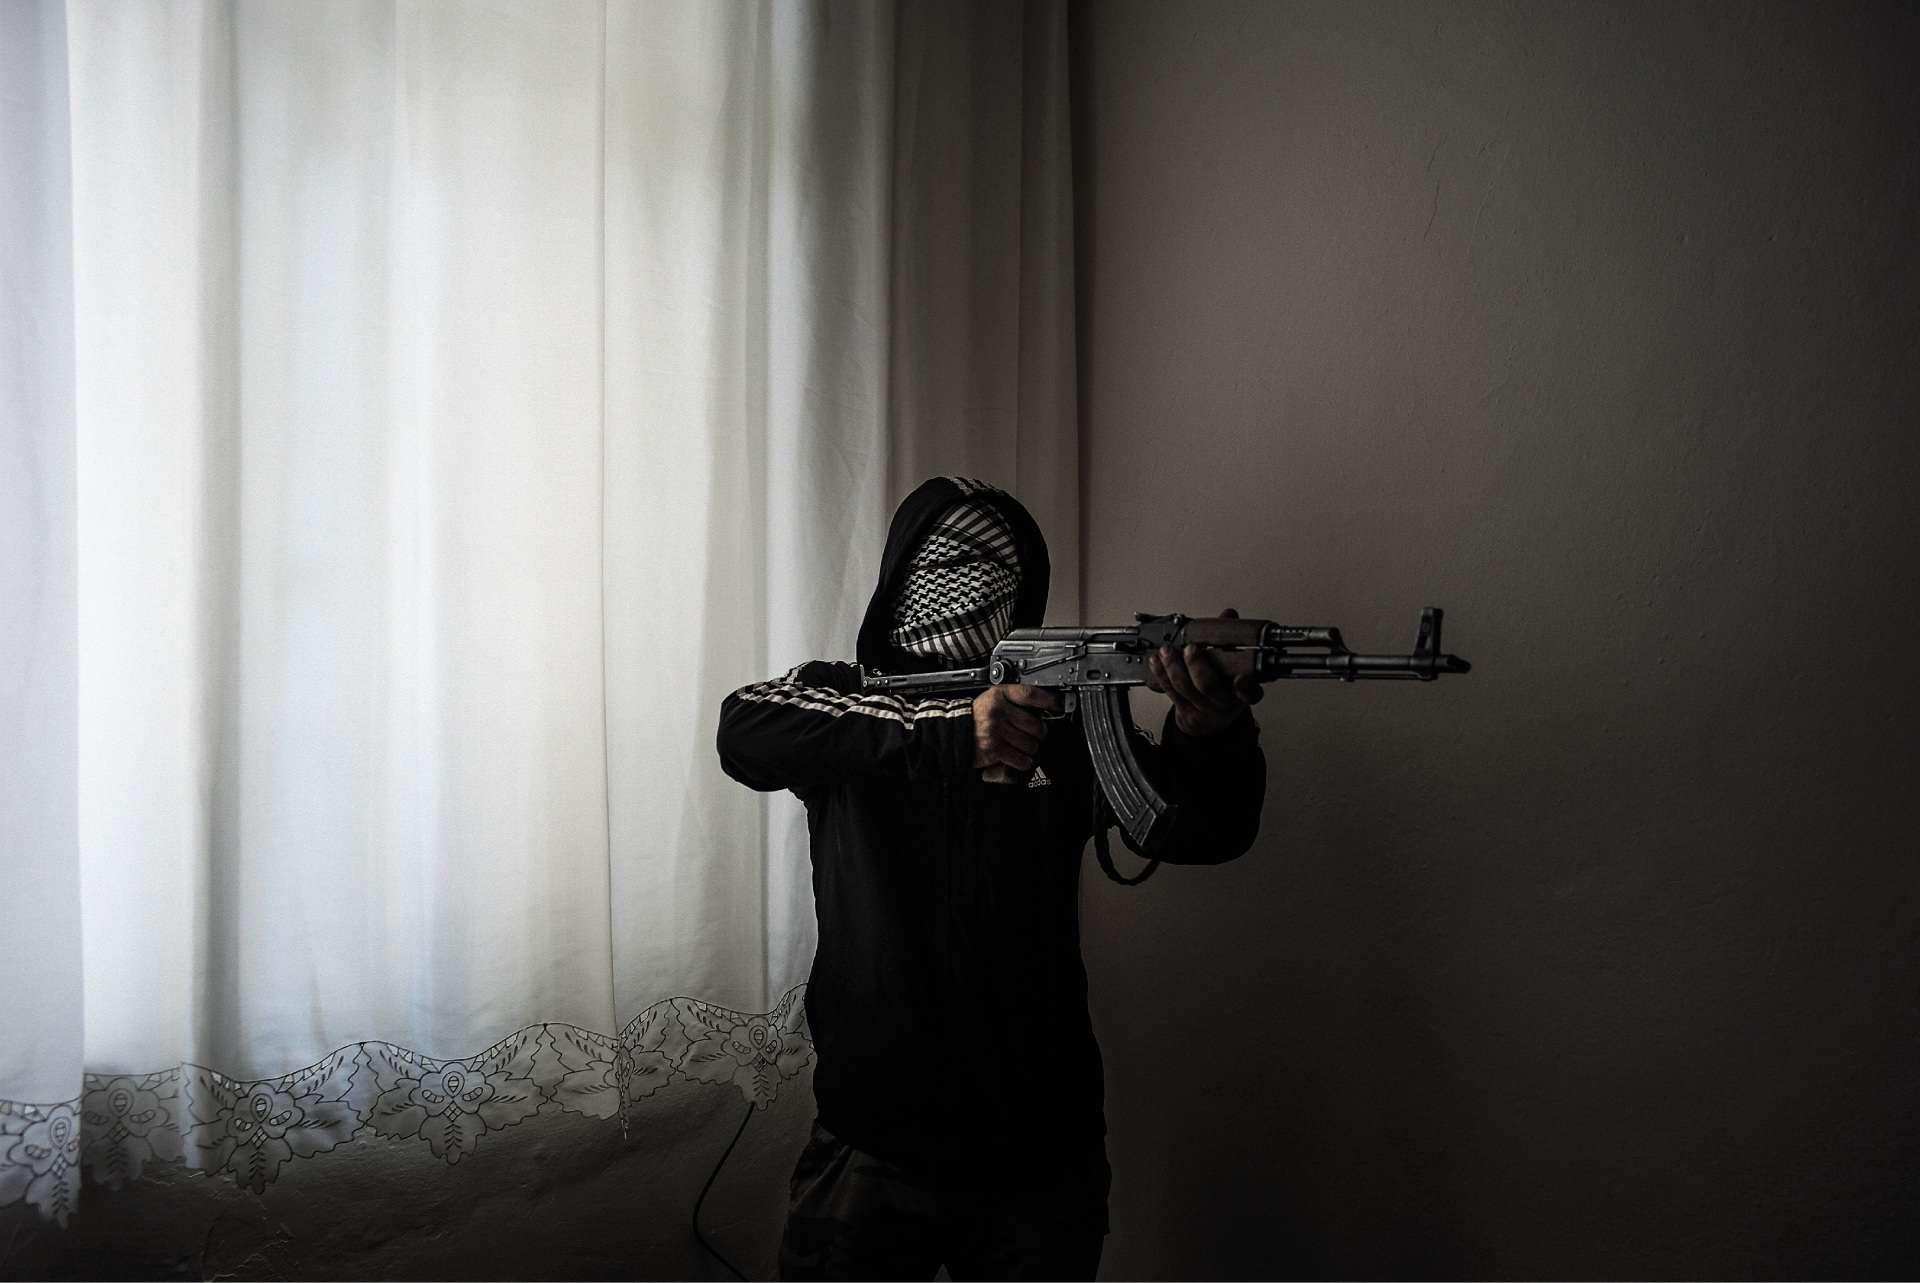 Le 7 novembre 2015 à Silvan, dans le sud-est de laTurquie, un combattant de la Jeunesse patriotique révolutionnaire (YDG-H), mouvement proche du Parti des travailleurs du Kurdistan (PKK). Les forces de sécurité turques imposent alors un couvre-feu dans plusieurs quartiers de la ville, traquant les insurgés kurdes.